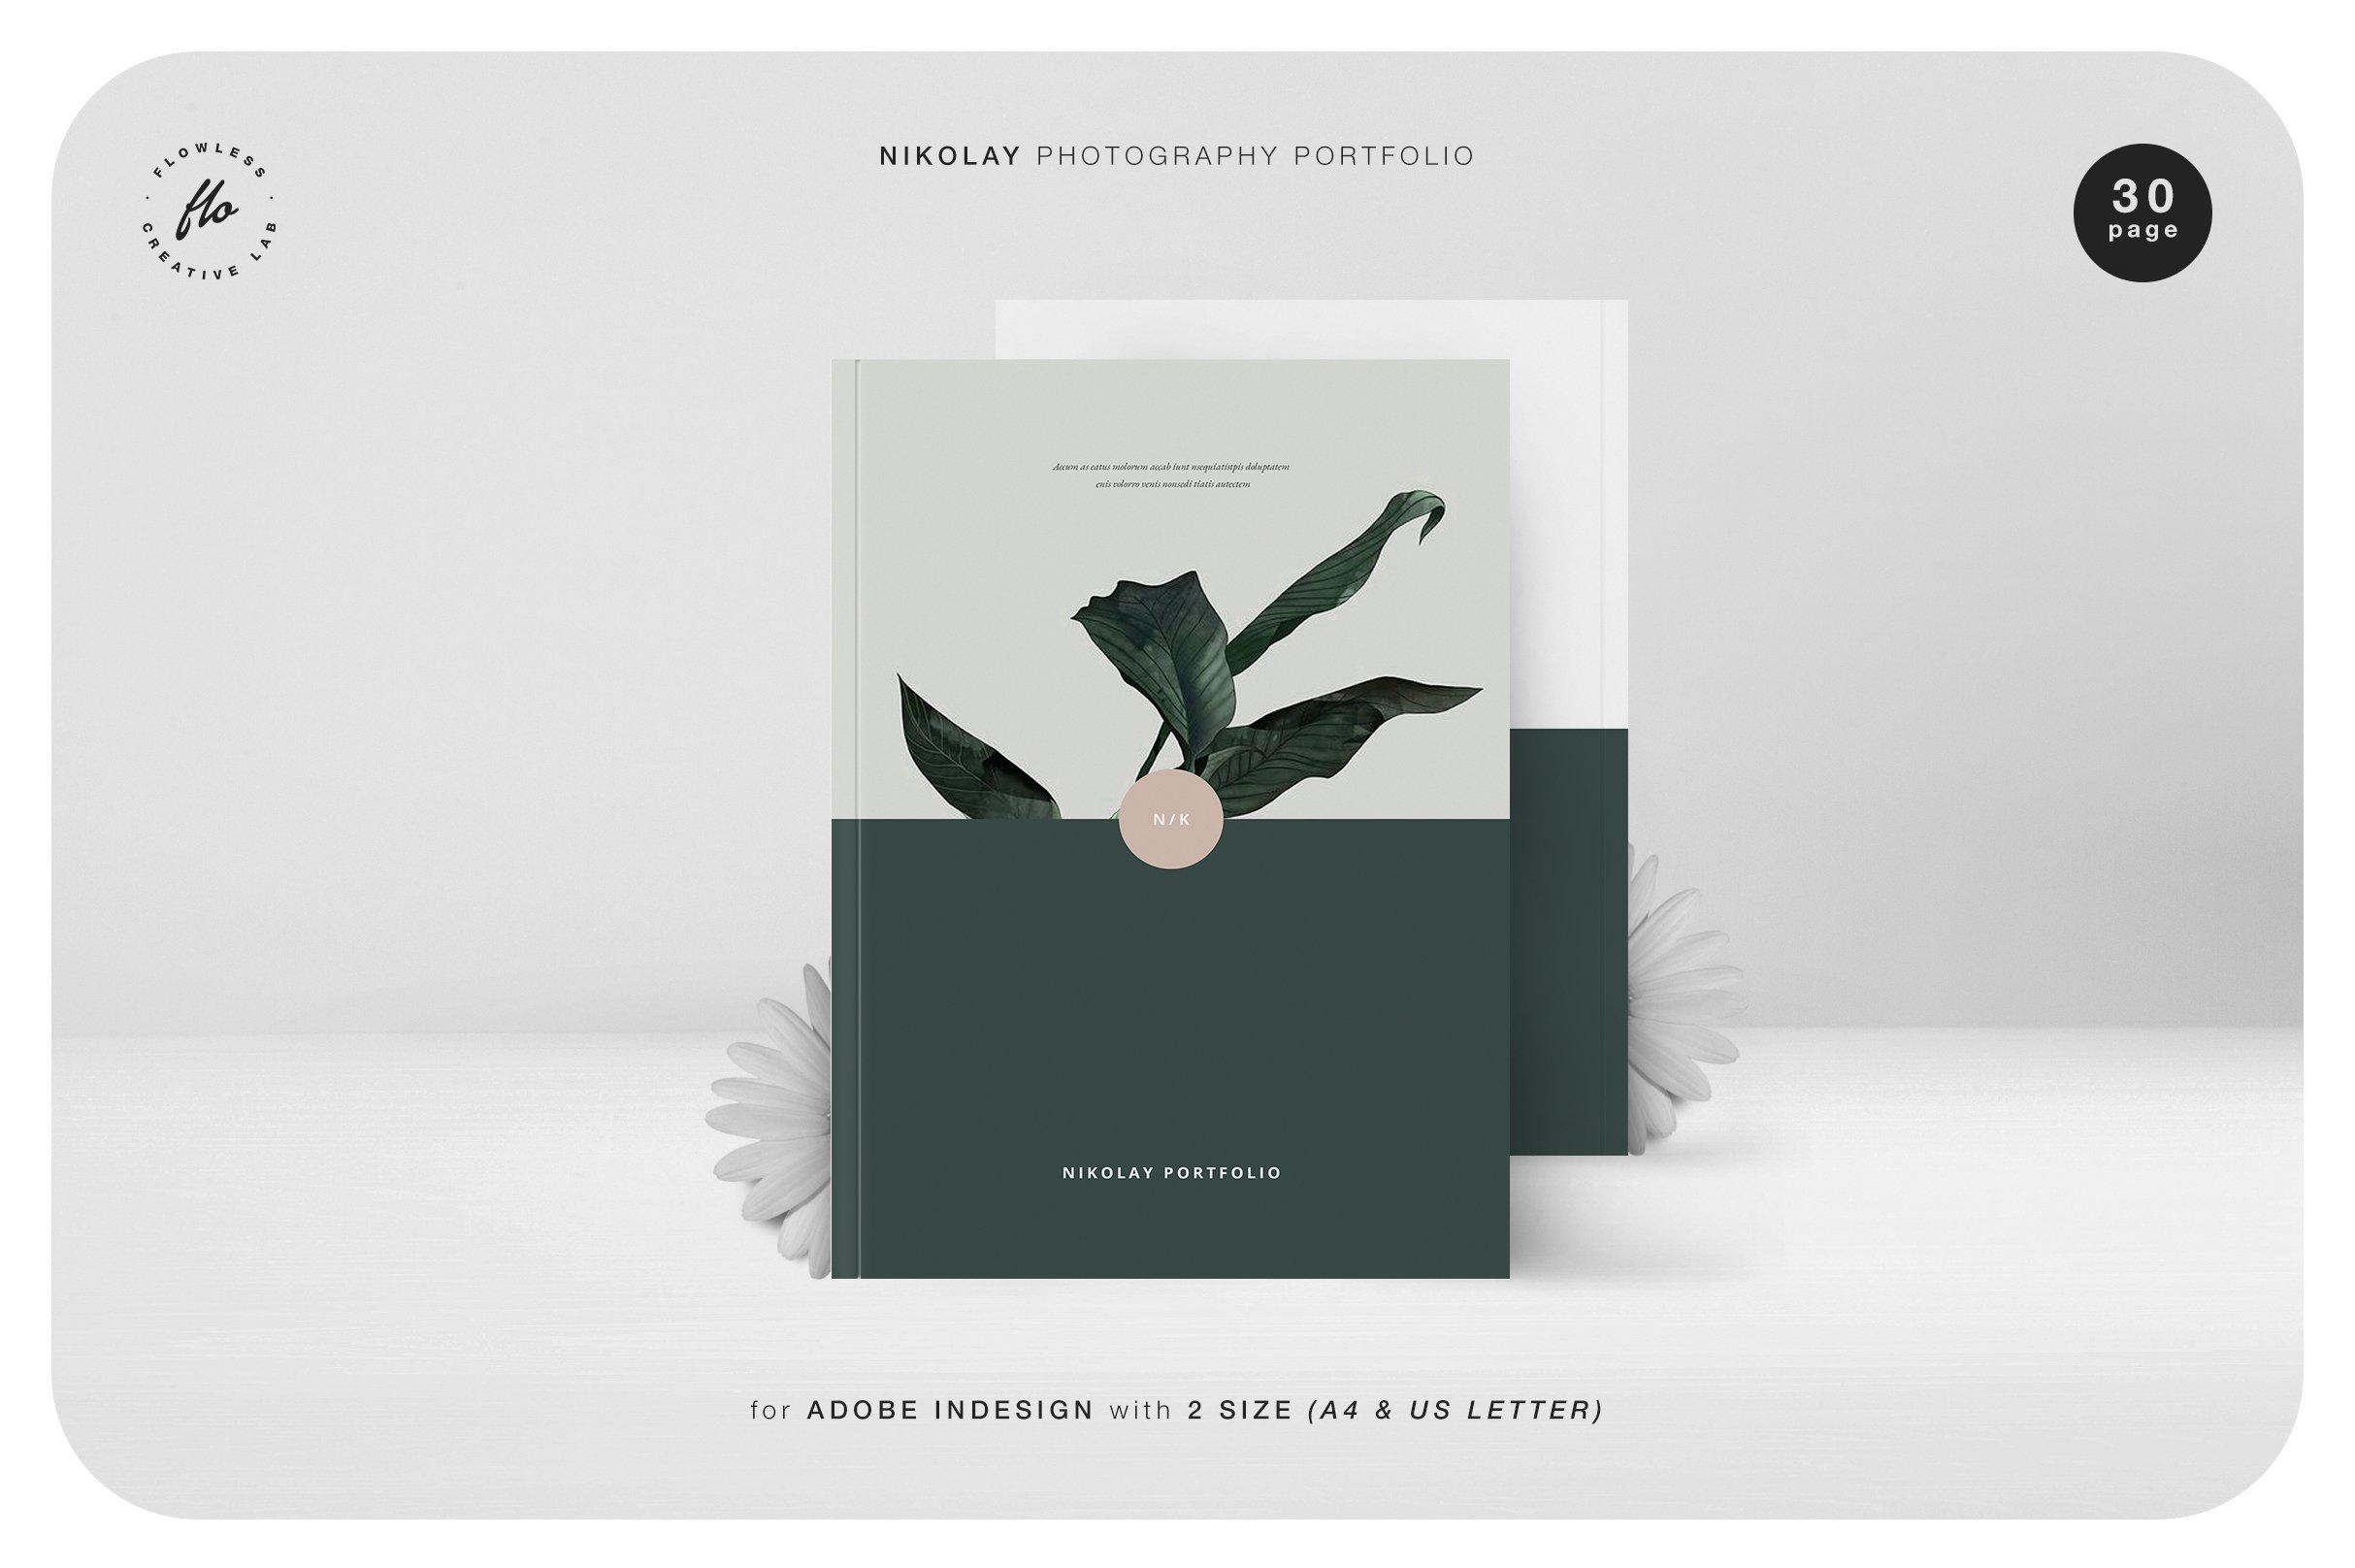 现代静物摄影艺术品模板 NIKOLAY Photography Portfolio